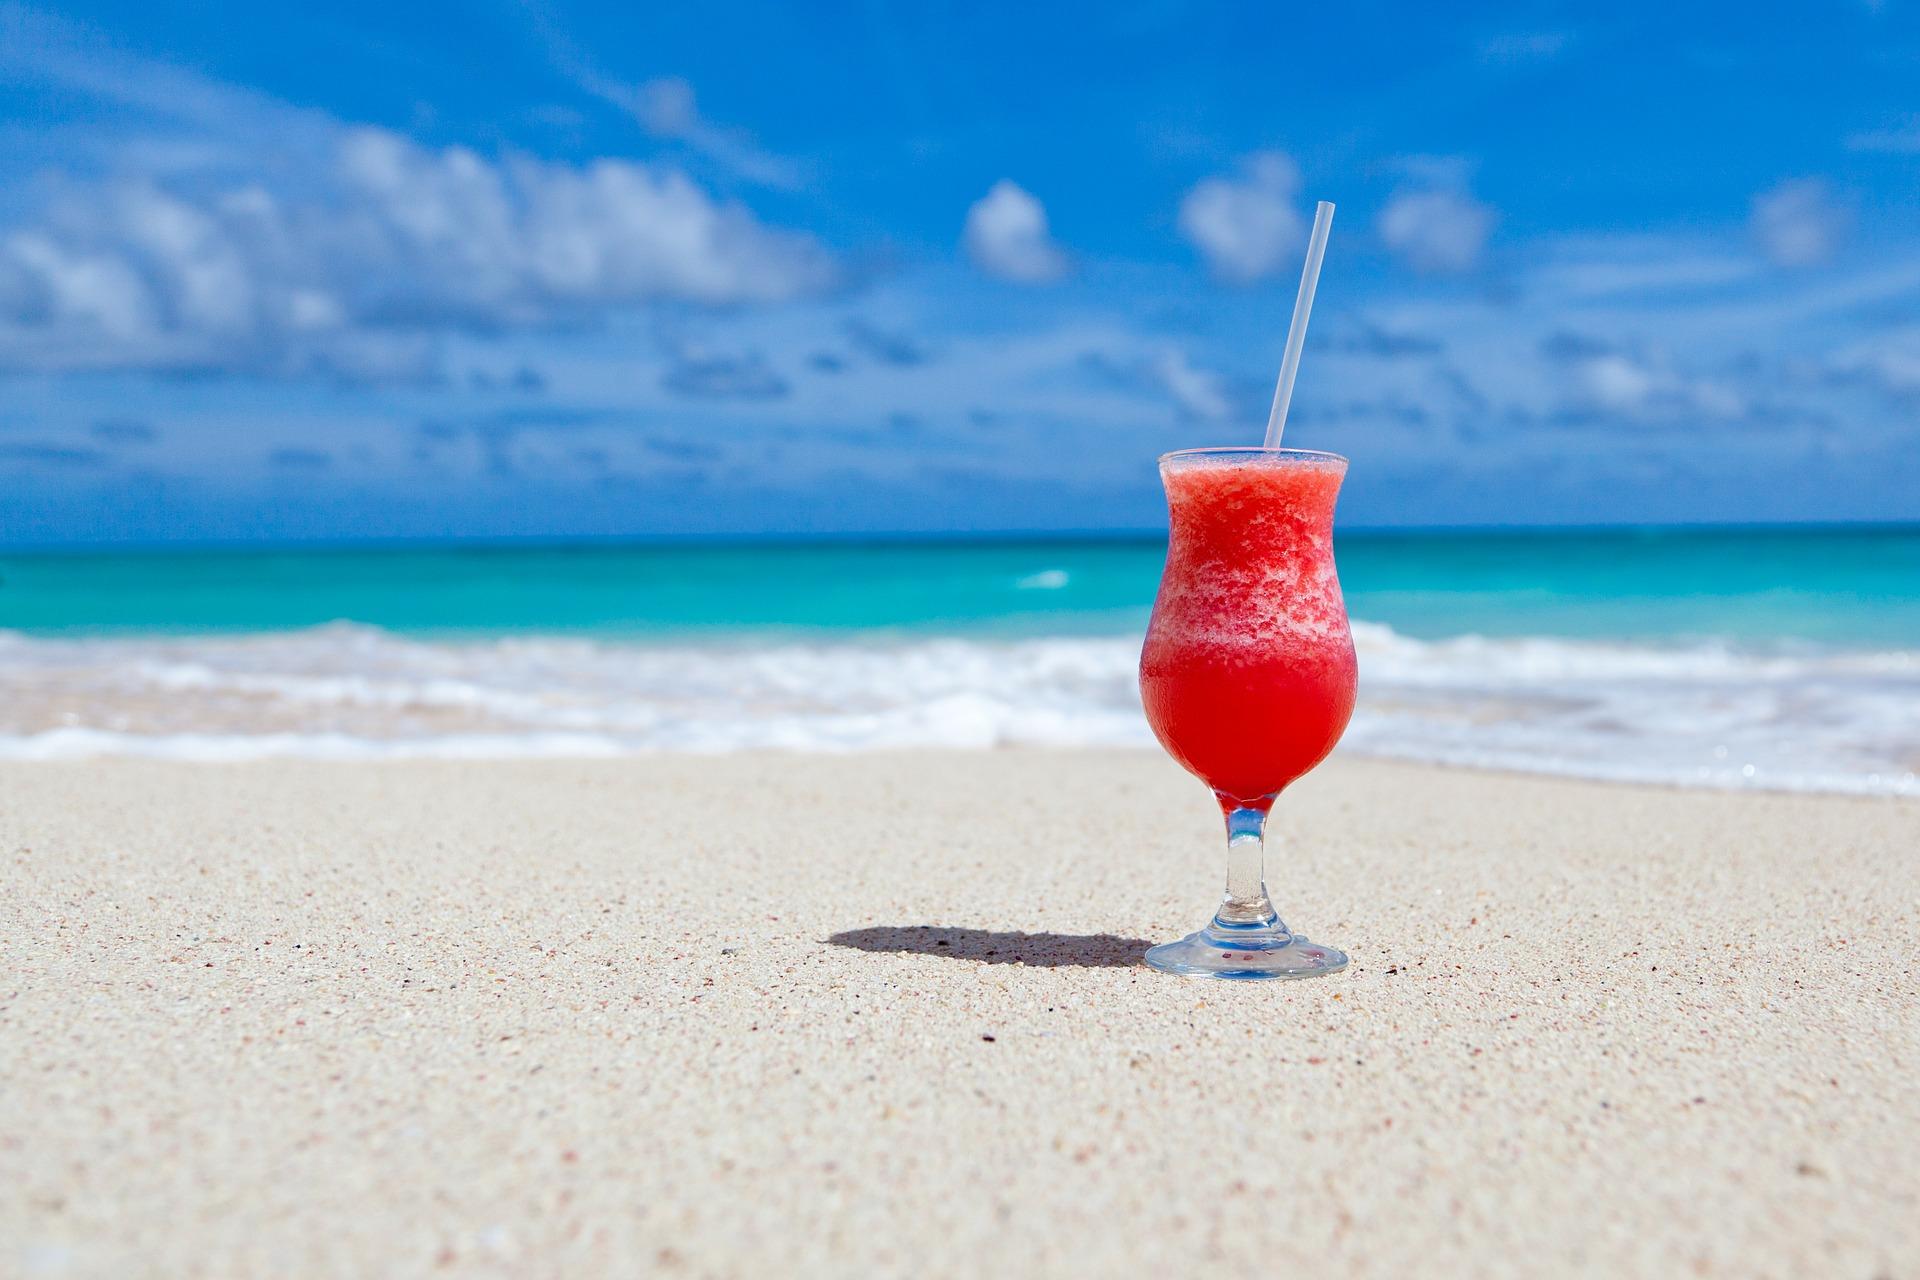 a cocktail on a a beach